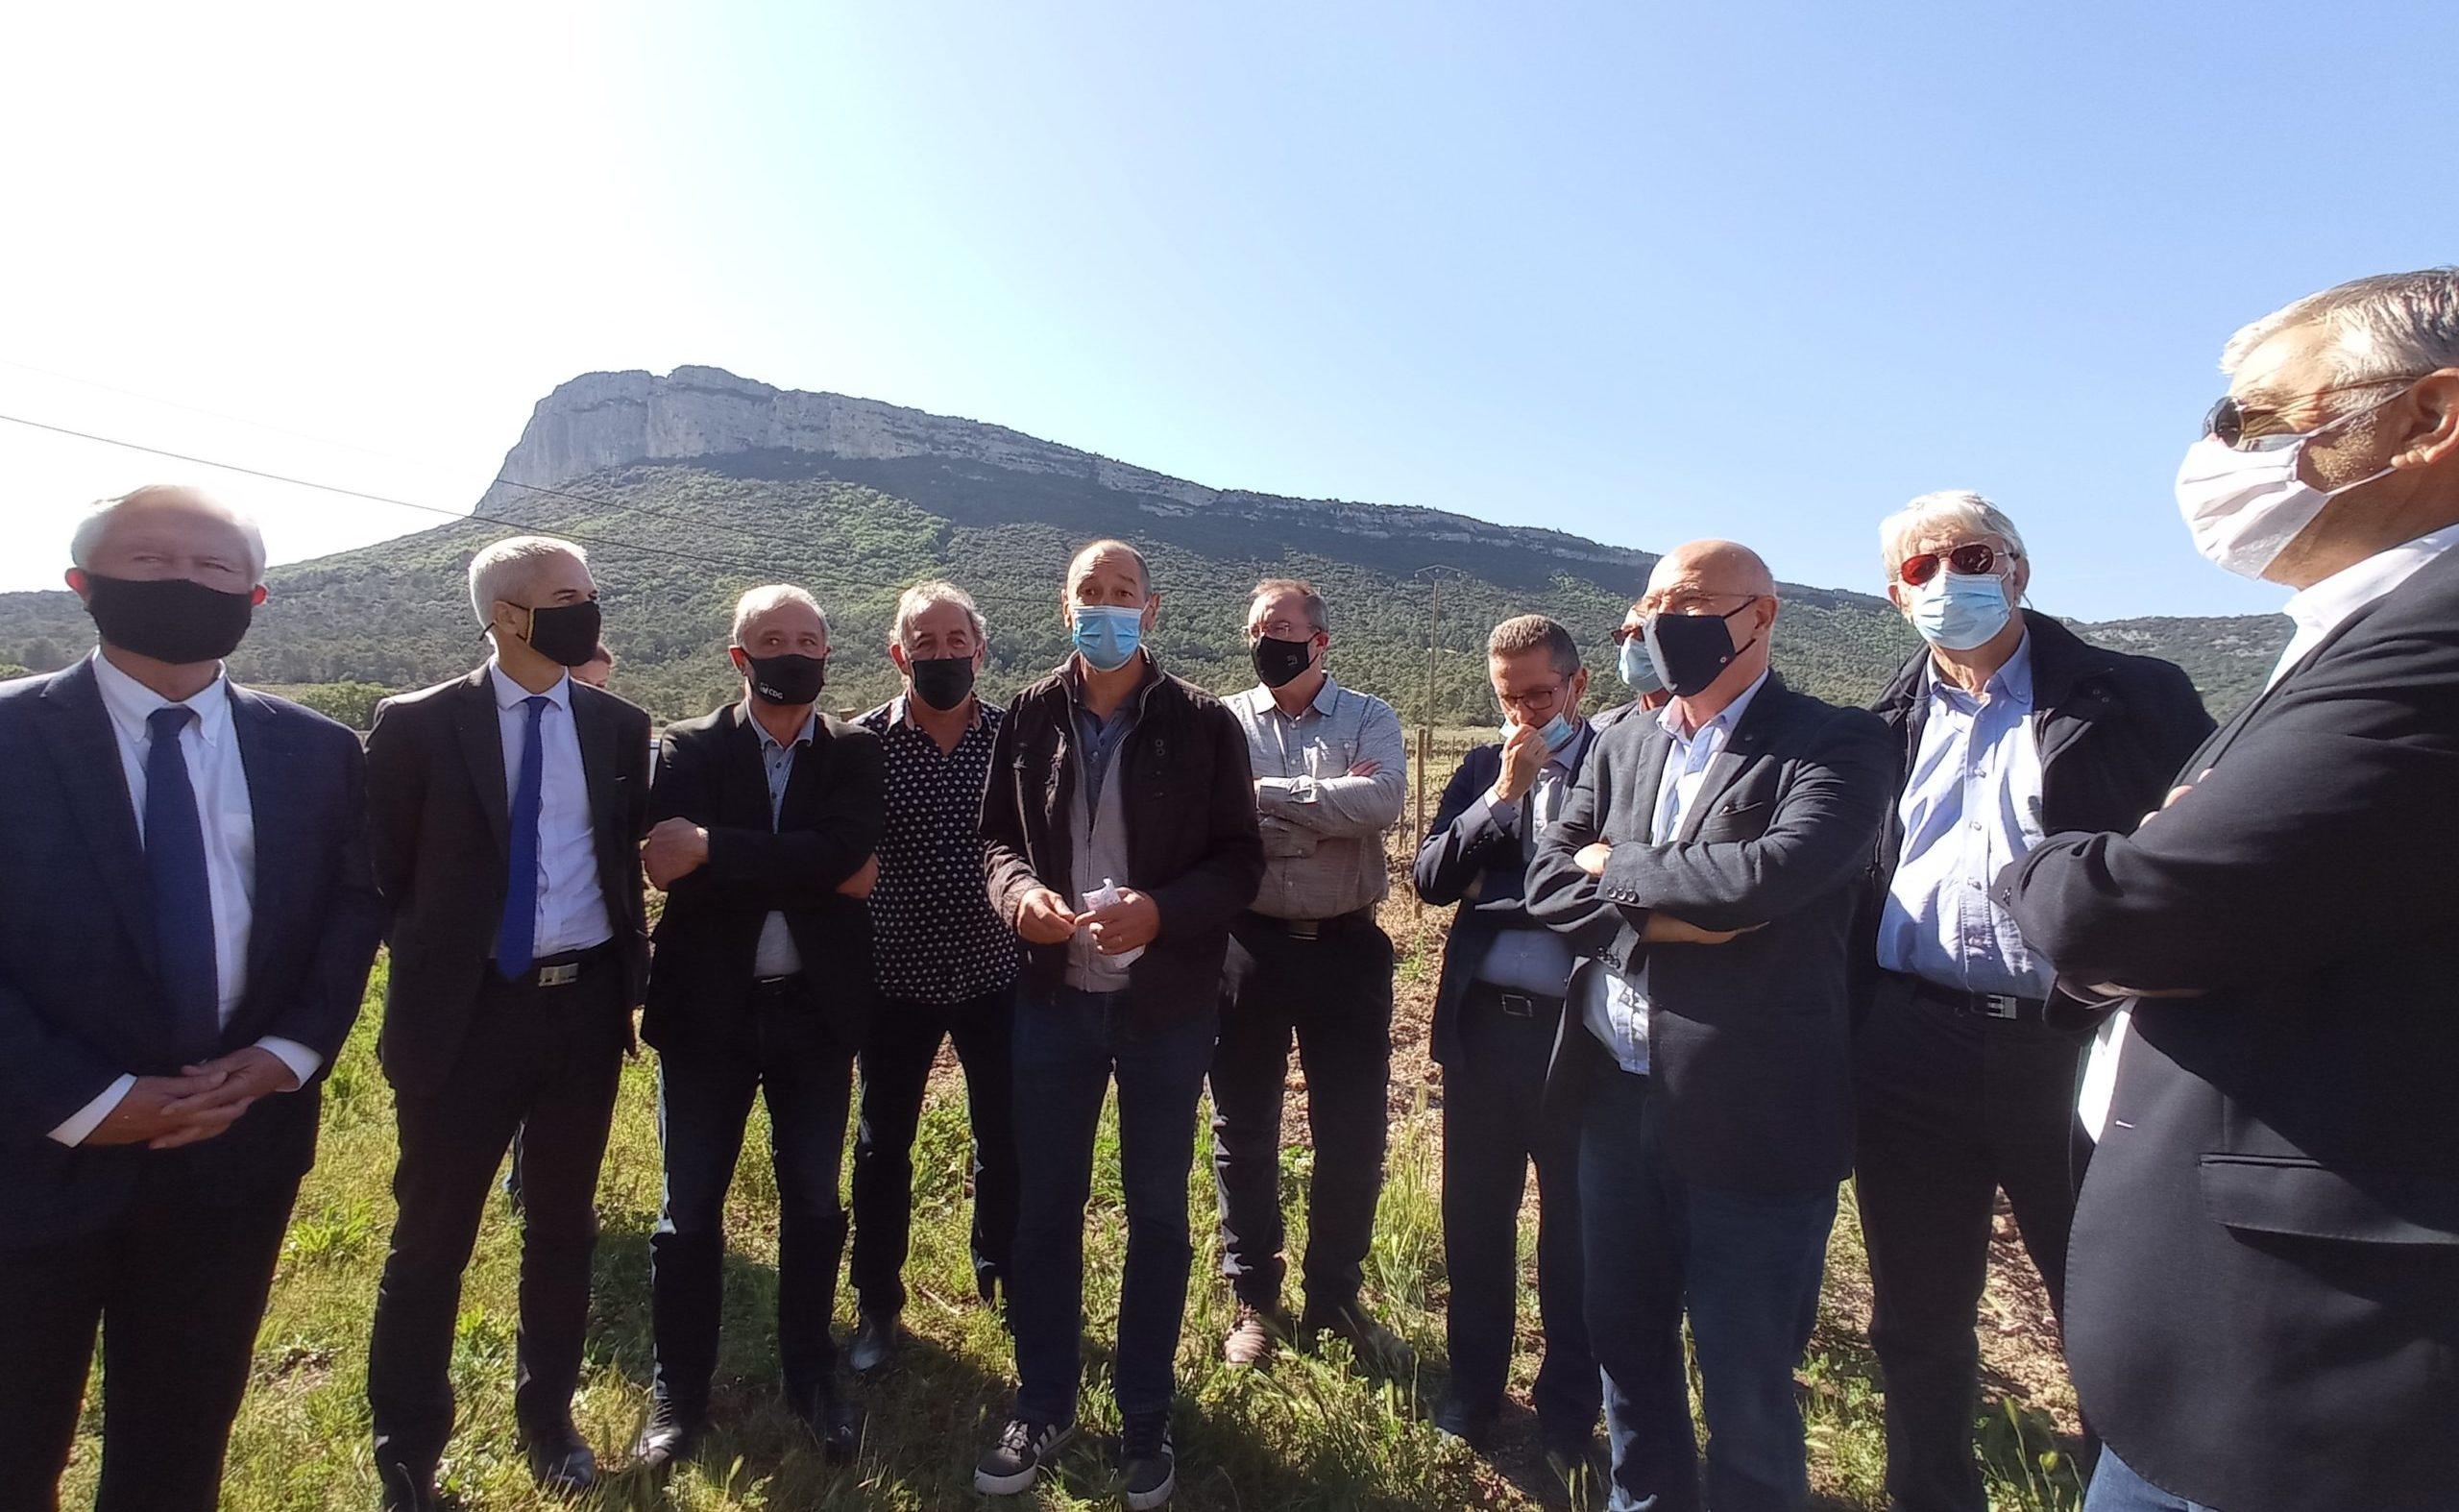 Aléas climatiques : la Communauté de communes soutient les agriculteurs. Photo : Sarah Mazars